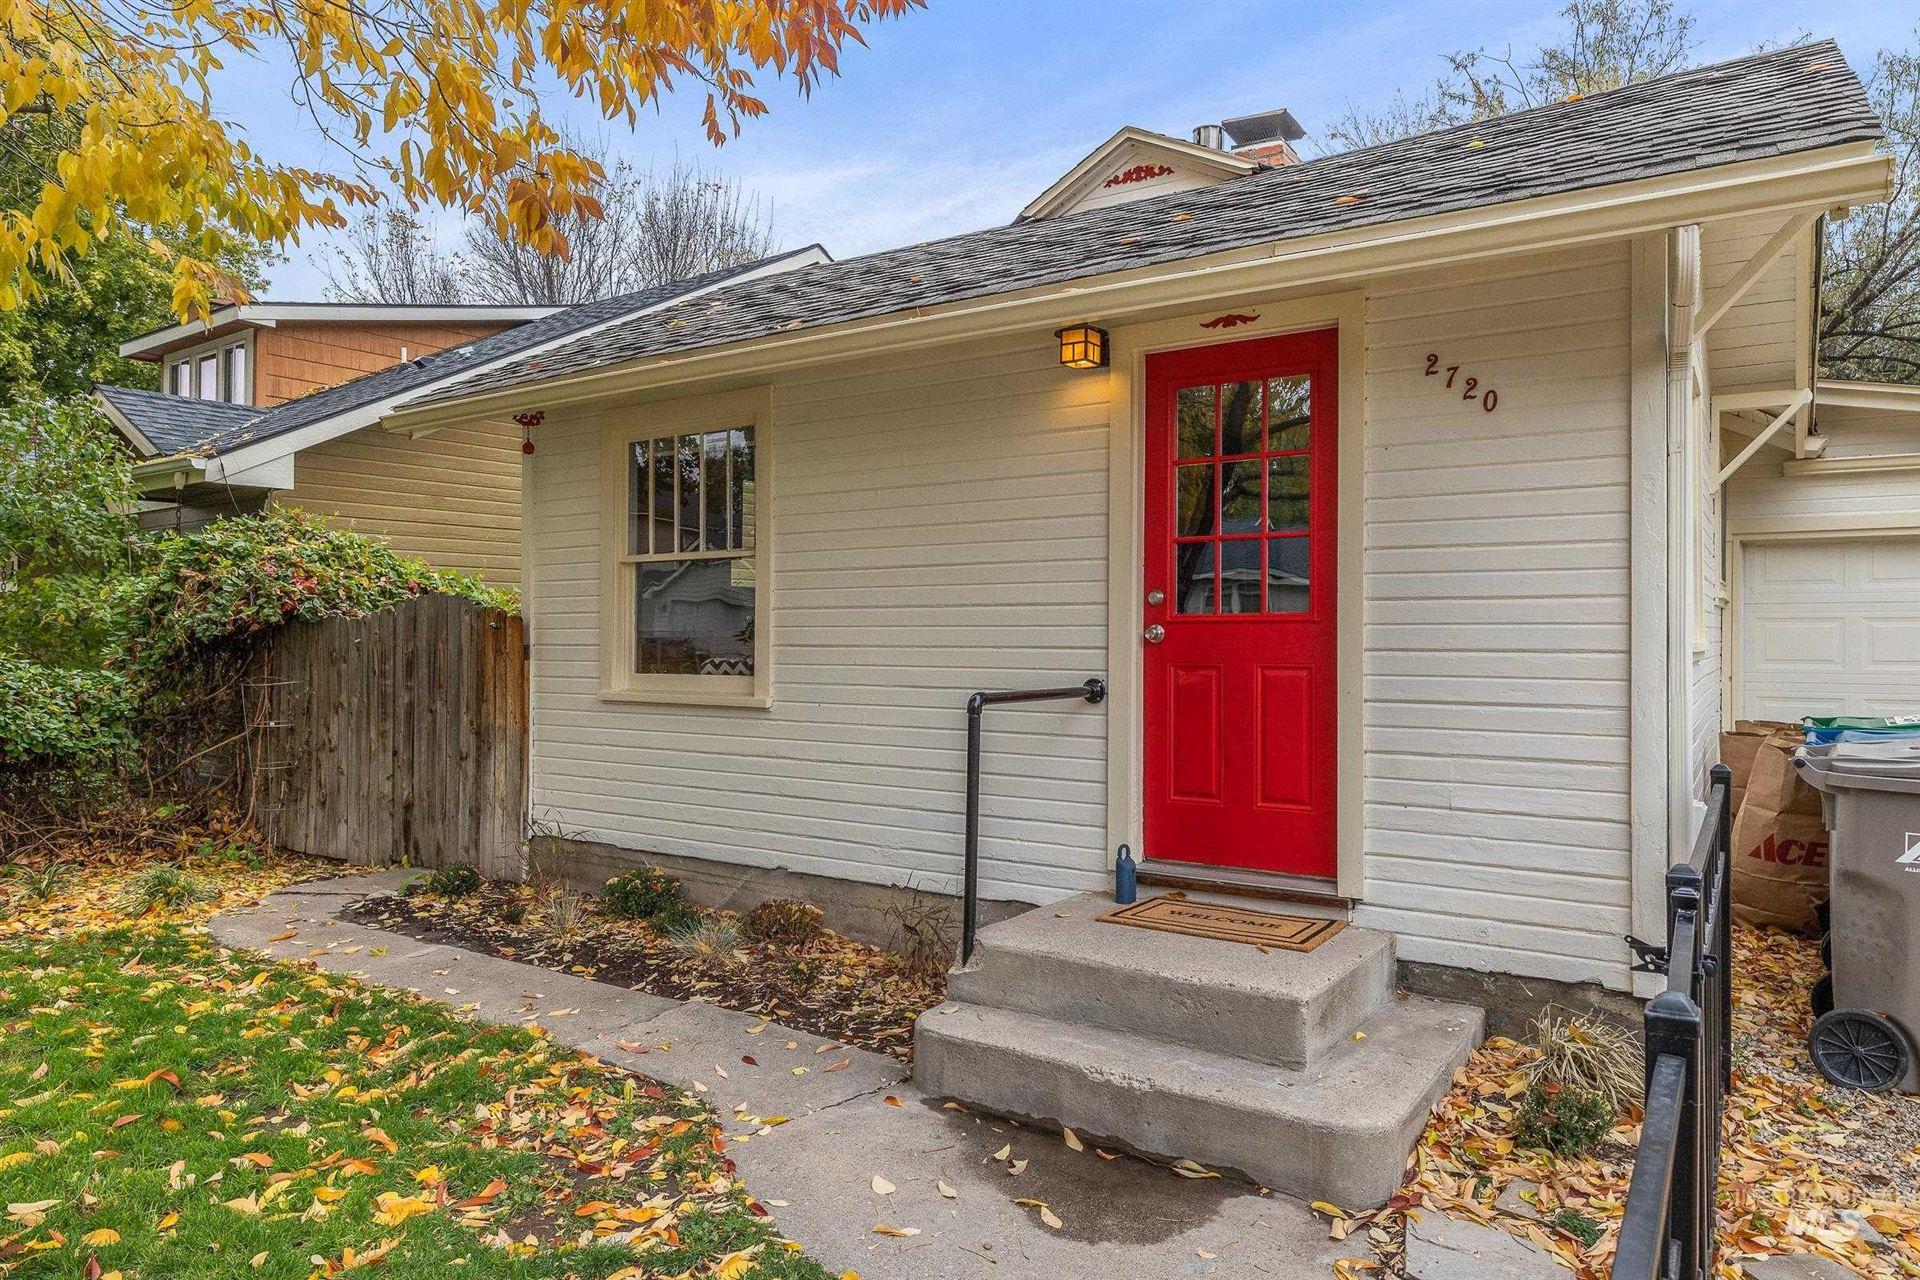 2720 Tamarack, Boise, ID 83703 - MLS#: 98822406